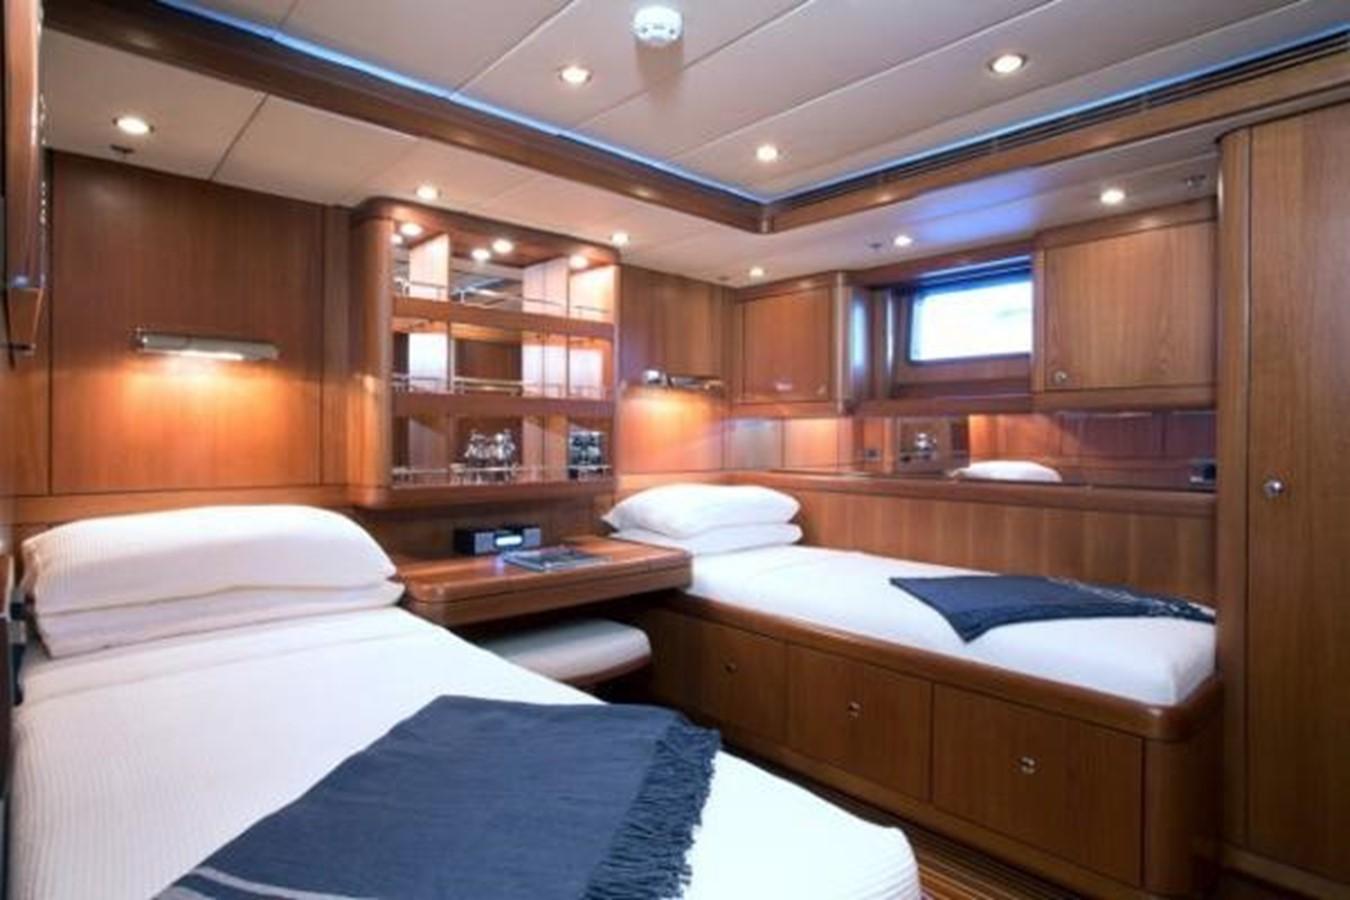 1999 NAUTOR'S SWAN 112 -01 Cruiser 2448222